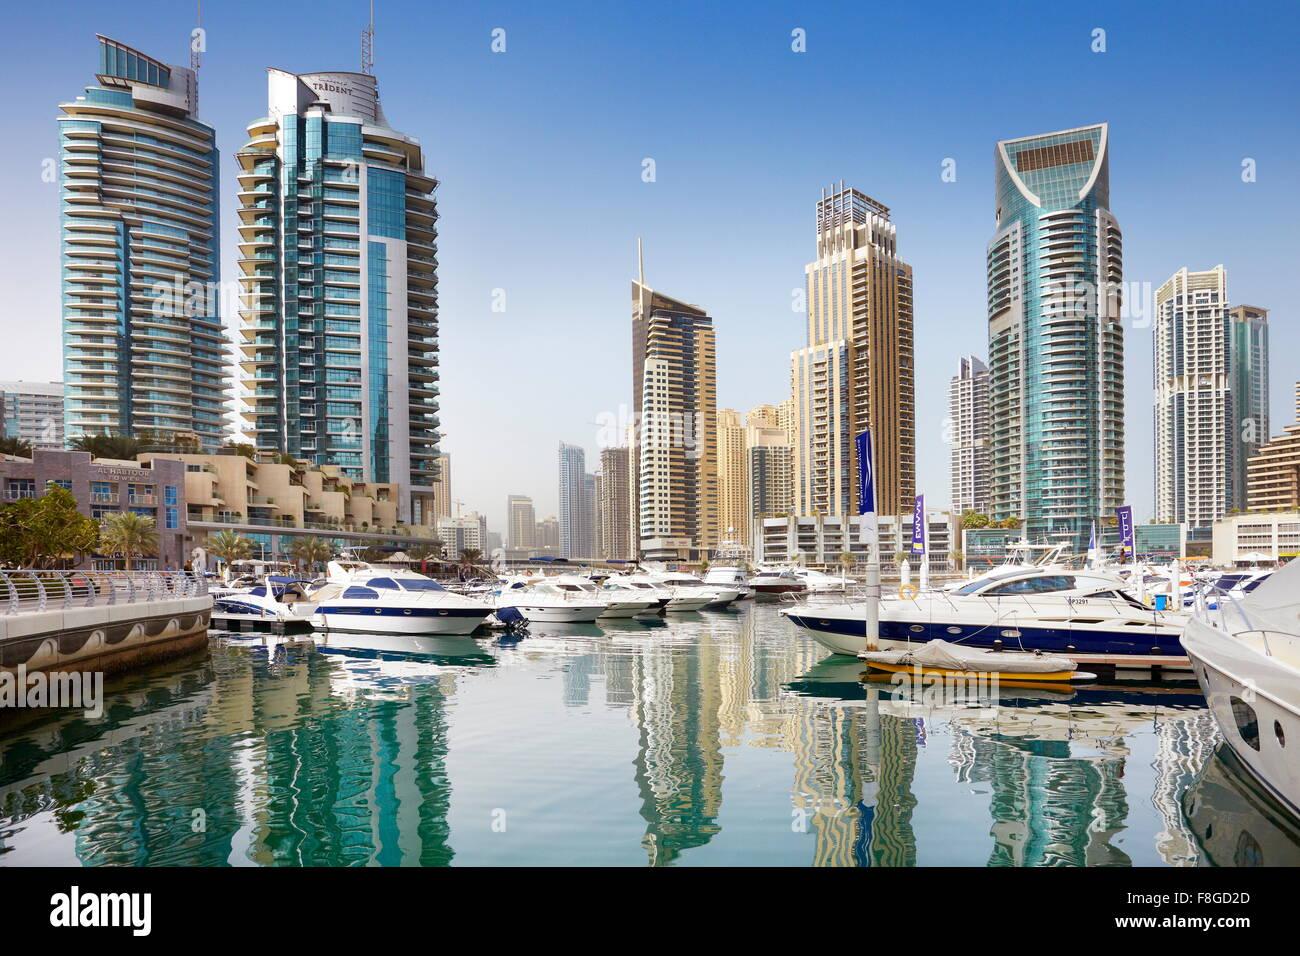 Dubai city - Marina, United Arab Emirates Stock Photo